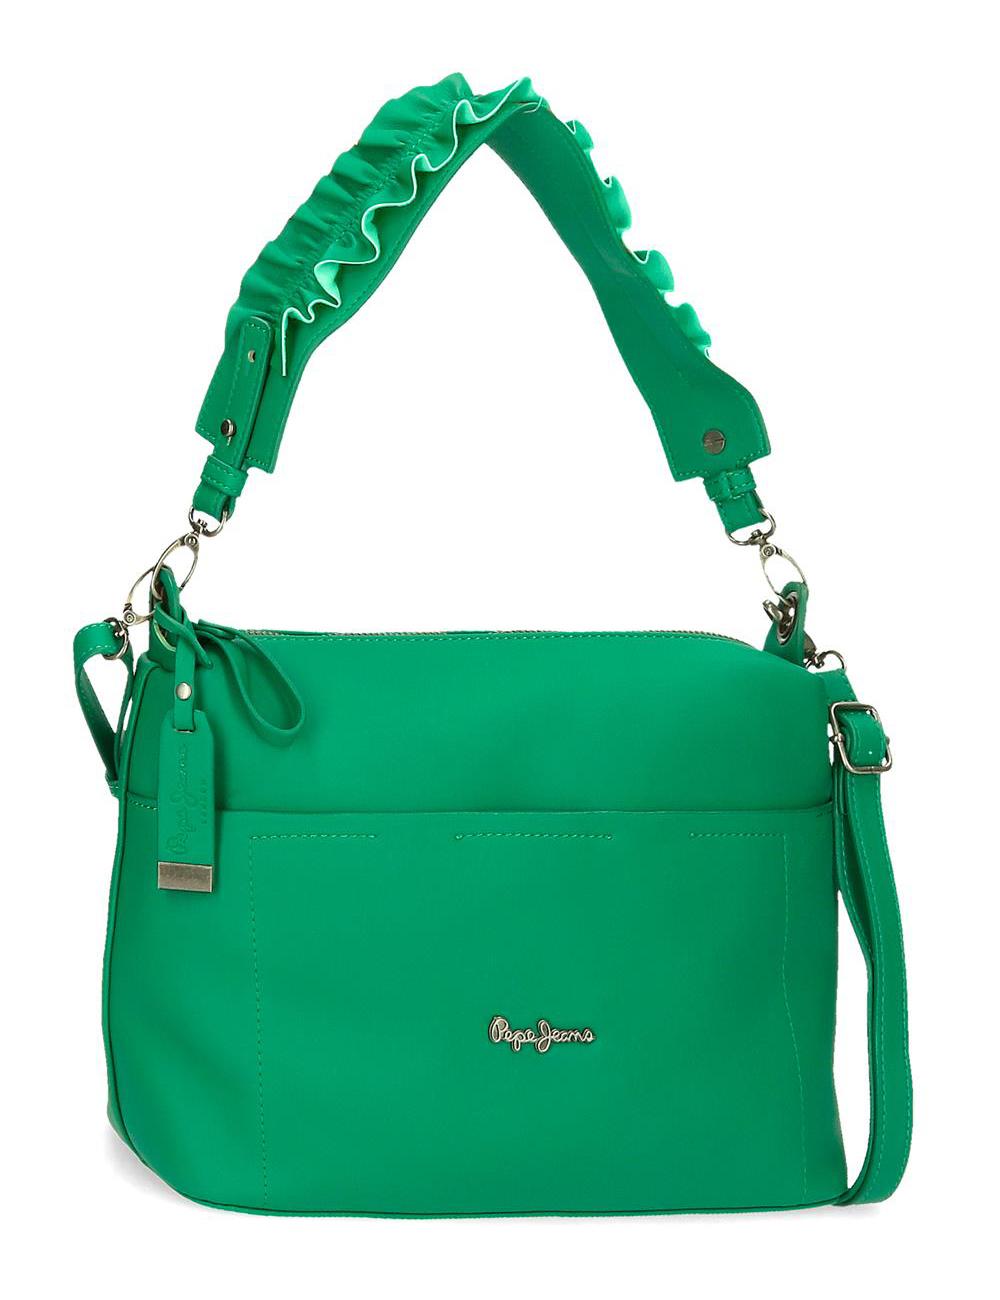 7537123 Bolso de Hombro Pepe Jeans Verde